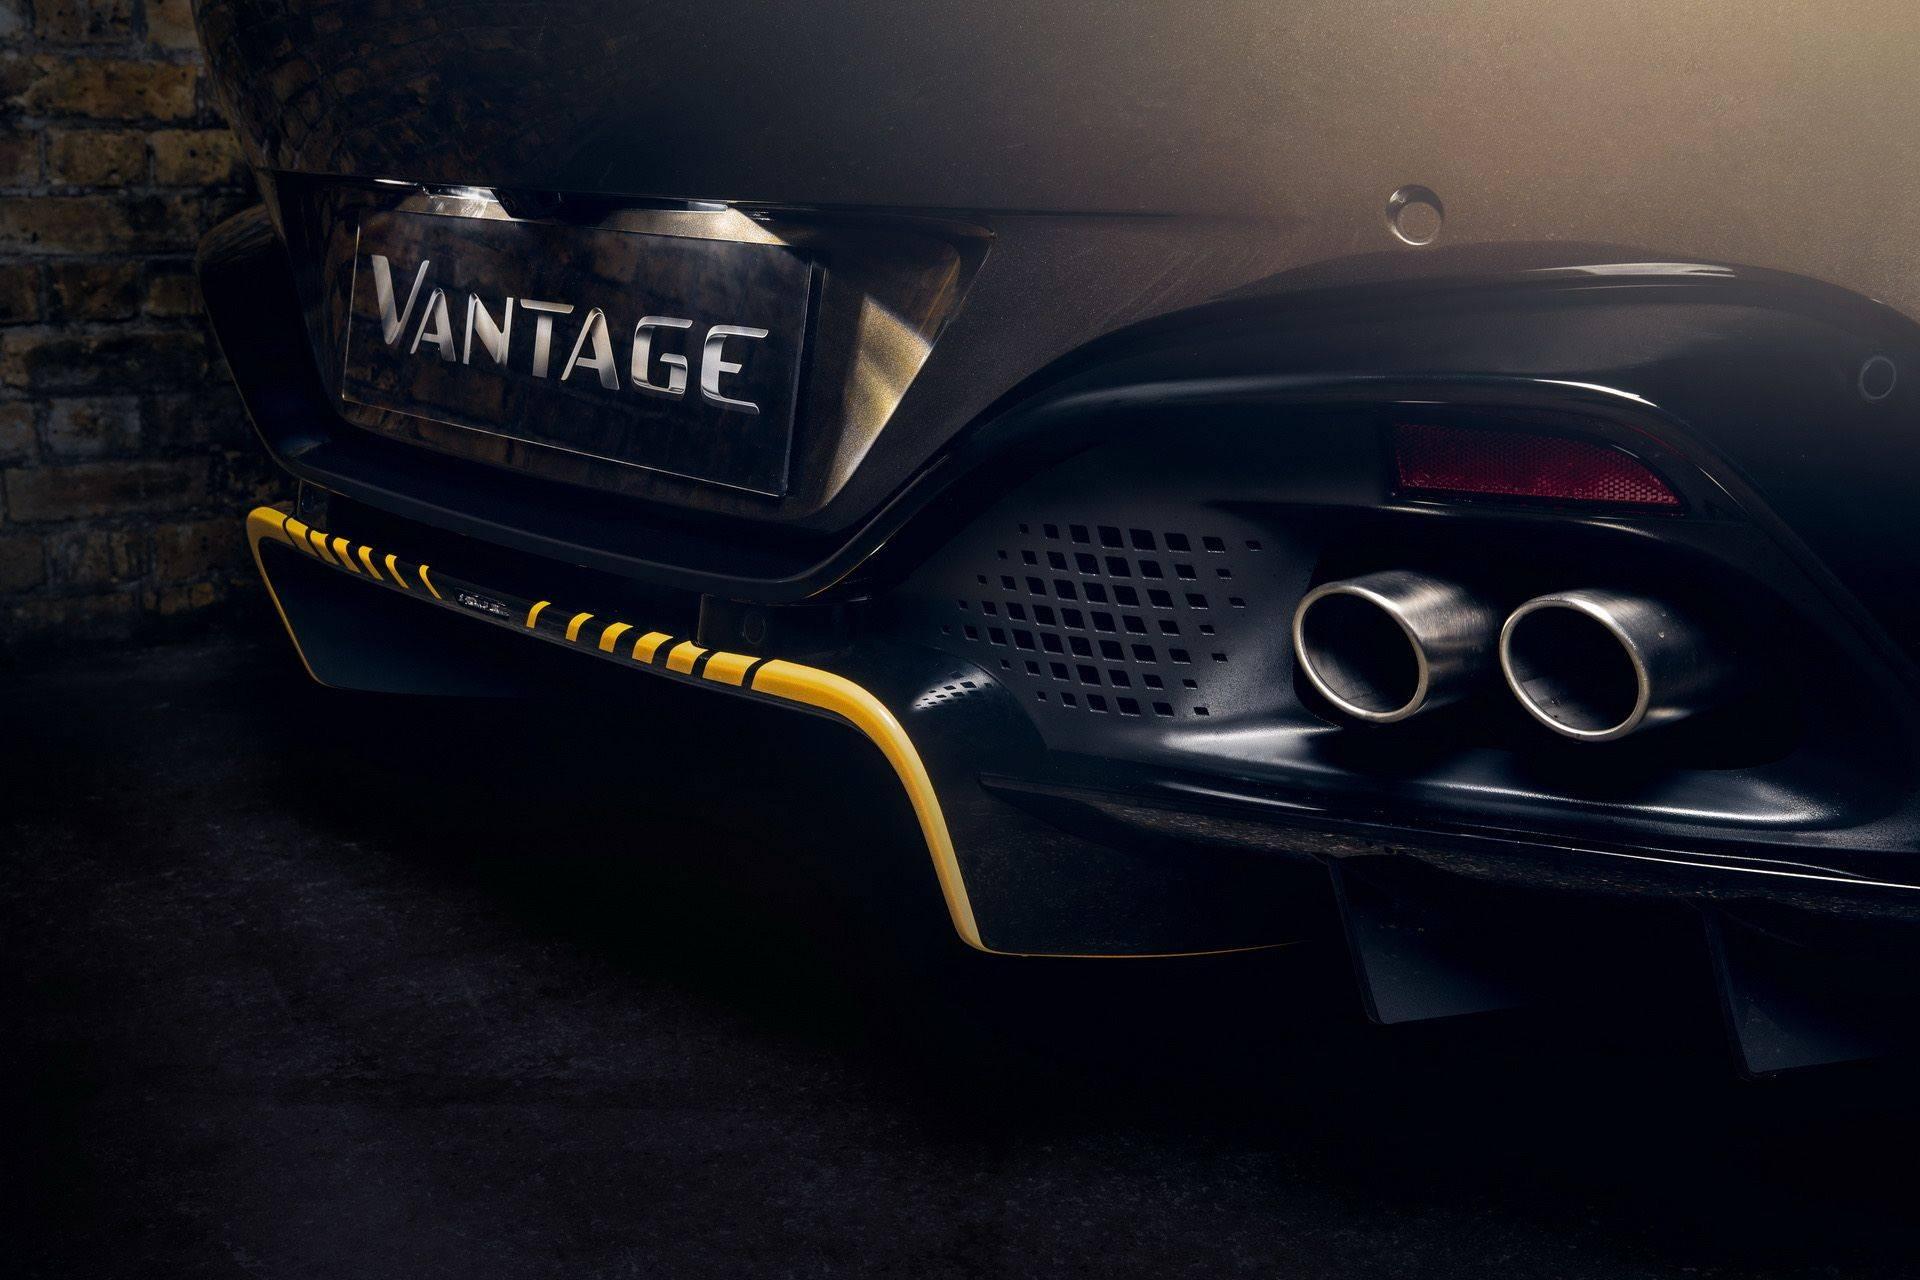 2021-aston-martin-vantage-007-edition-7